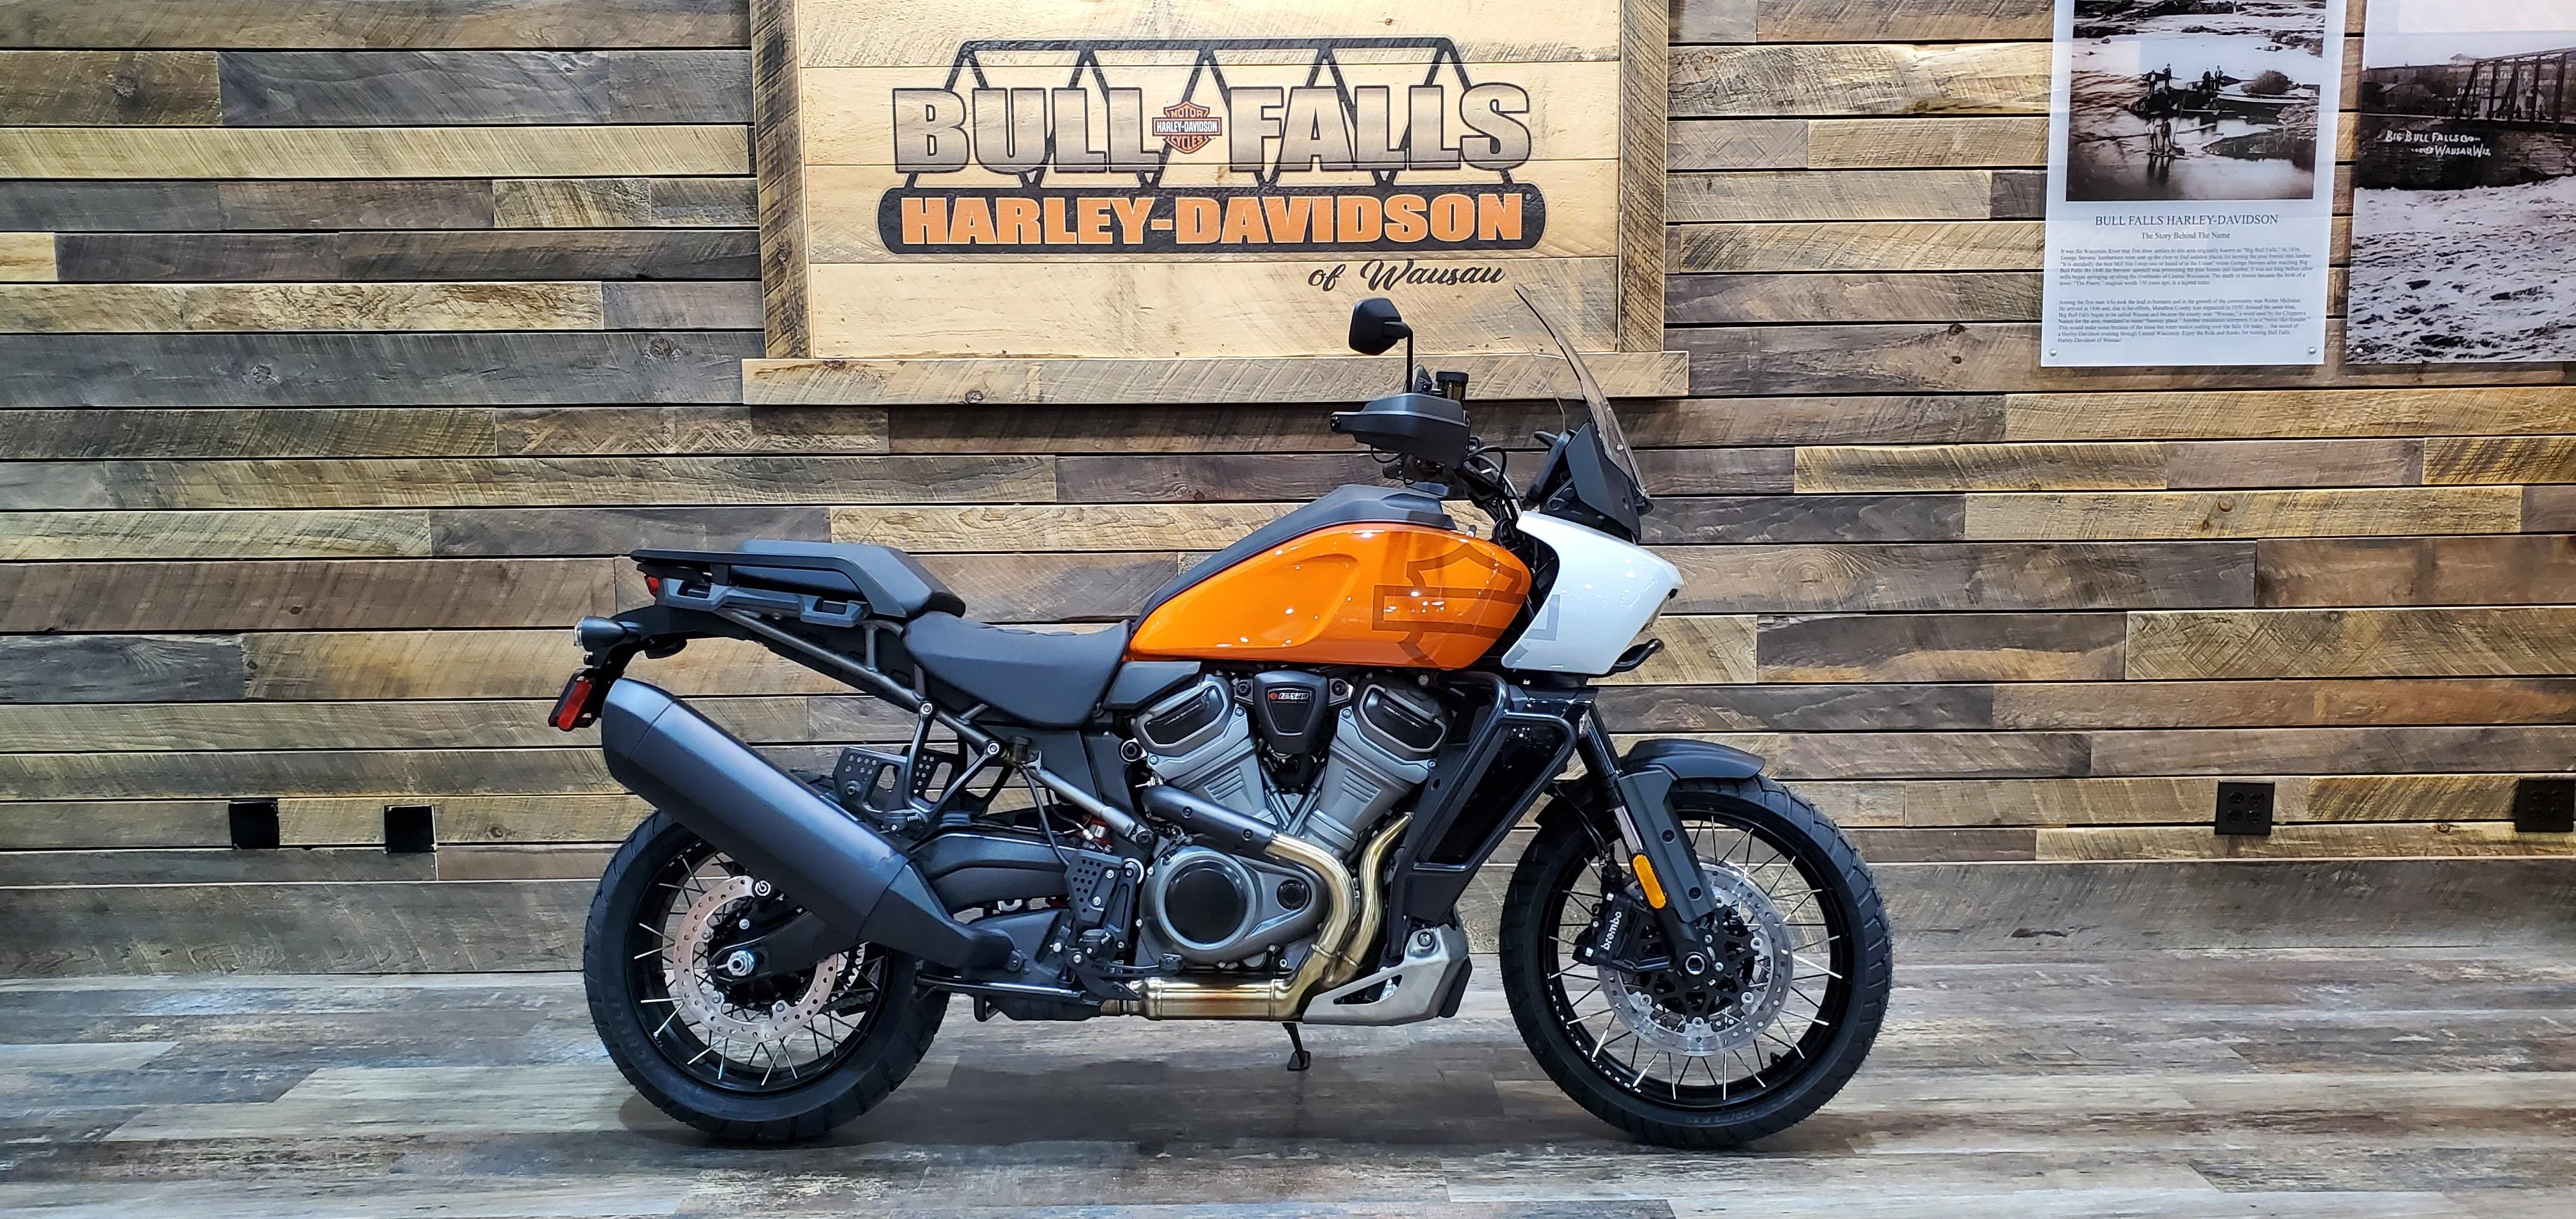 2021 Harley-Davidson RA1250S at Bull Falls Harley-Davidson